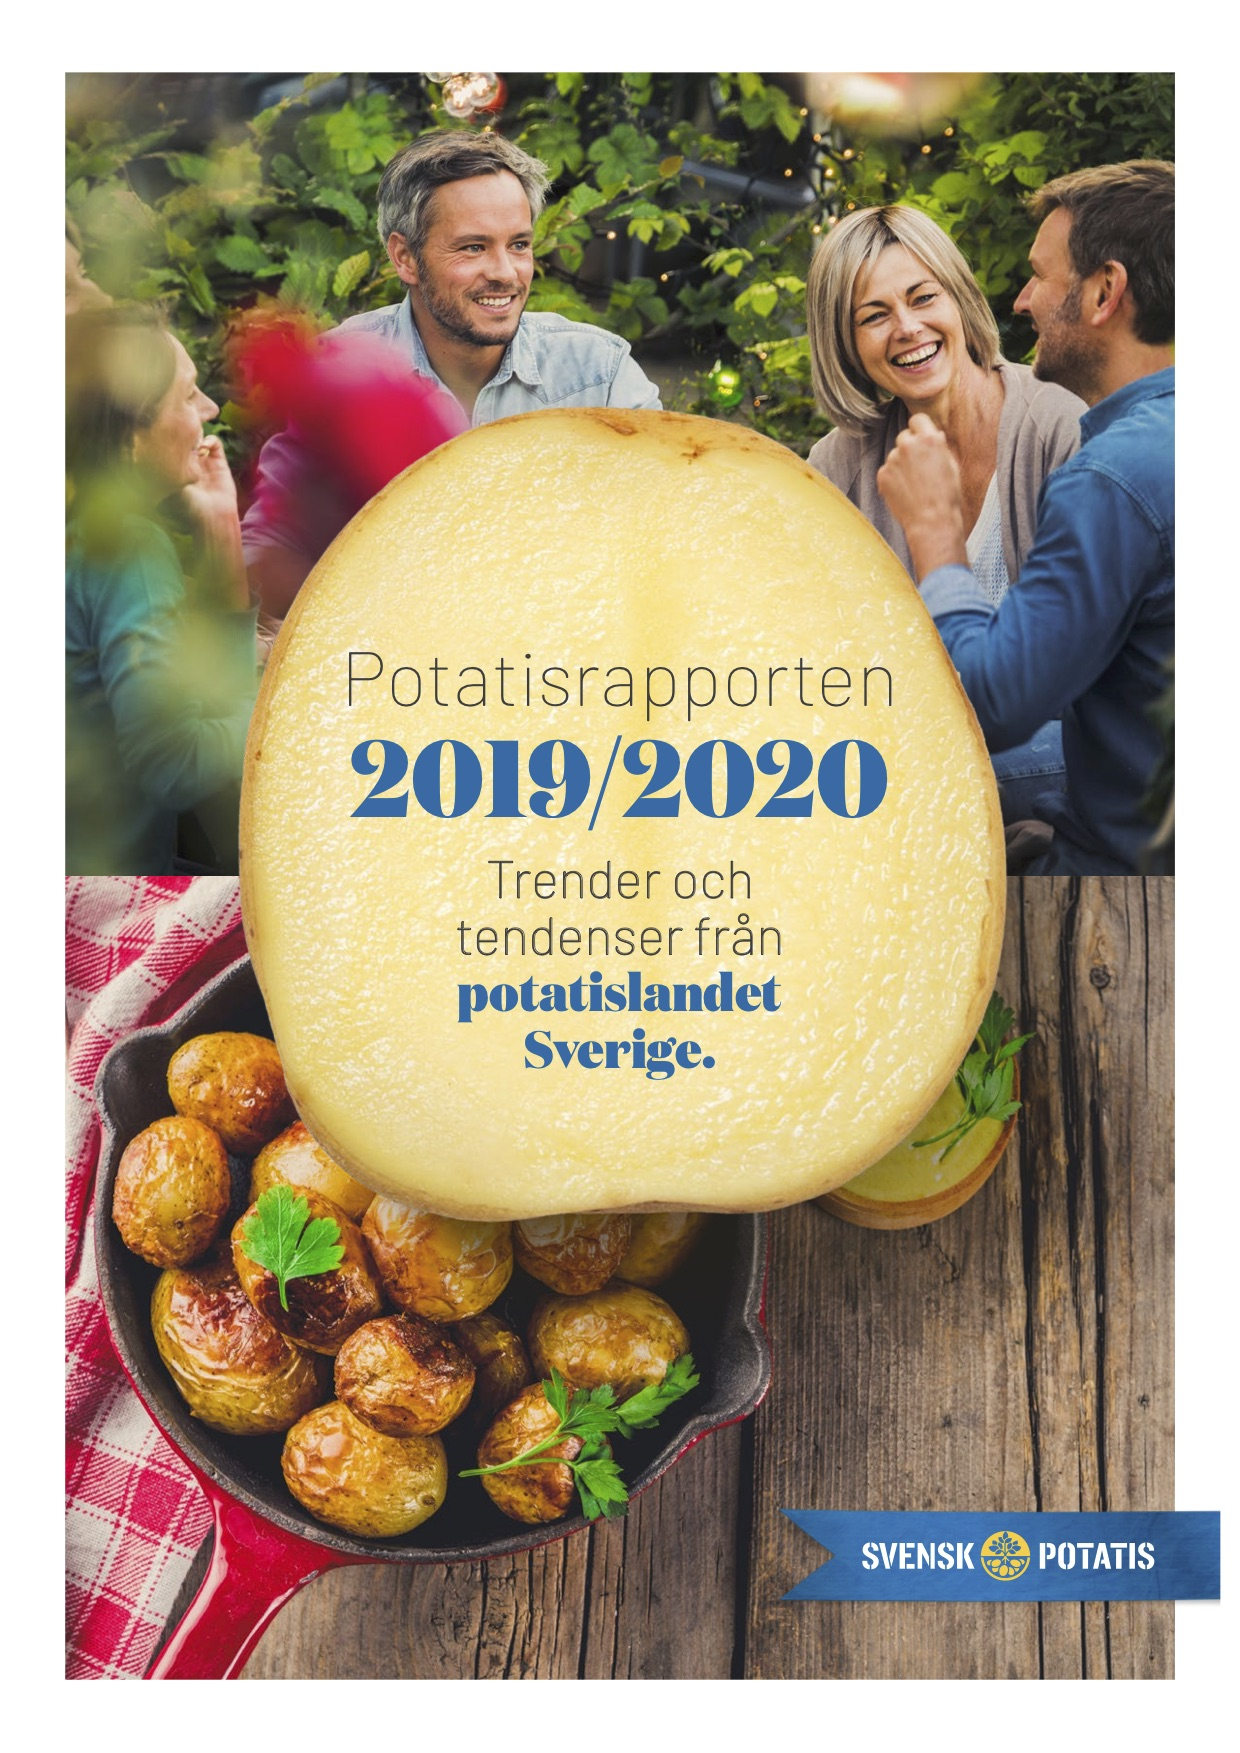 Här är Potatisrapporten 2019/2020!